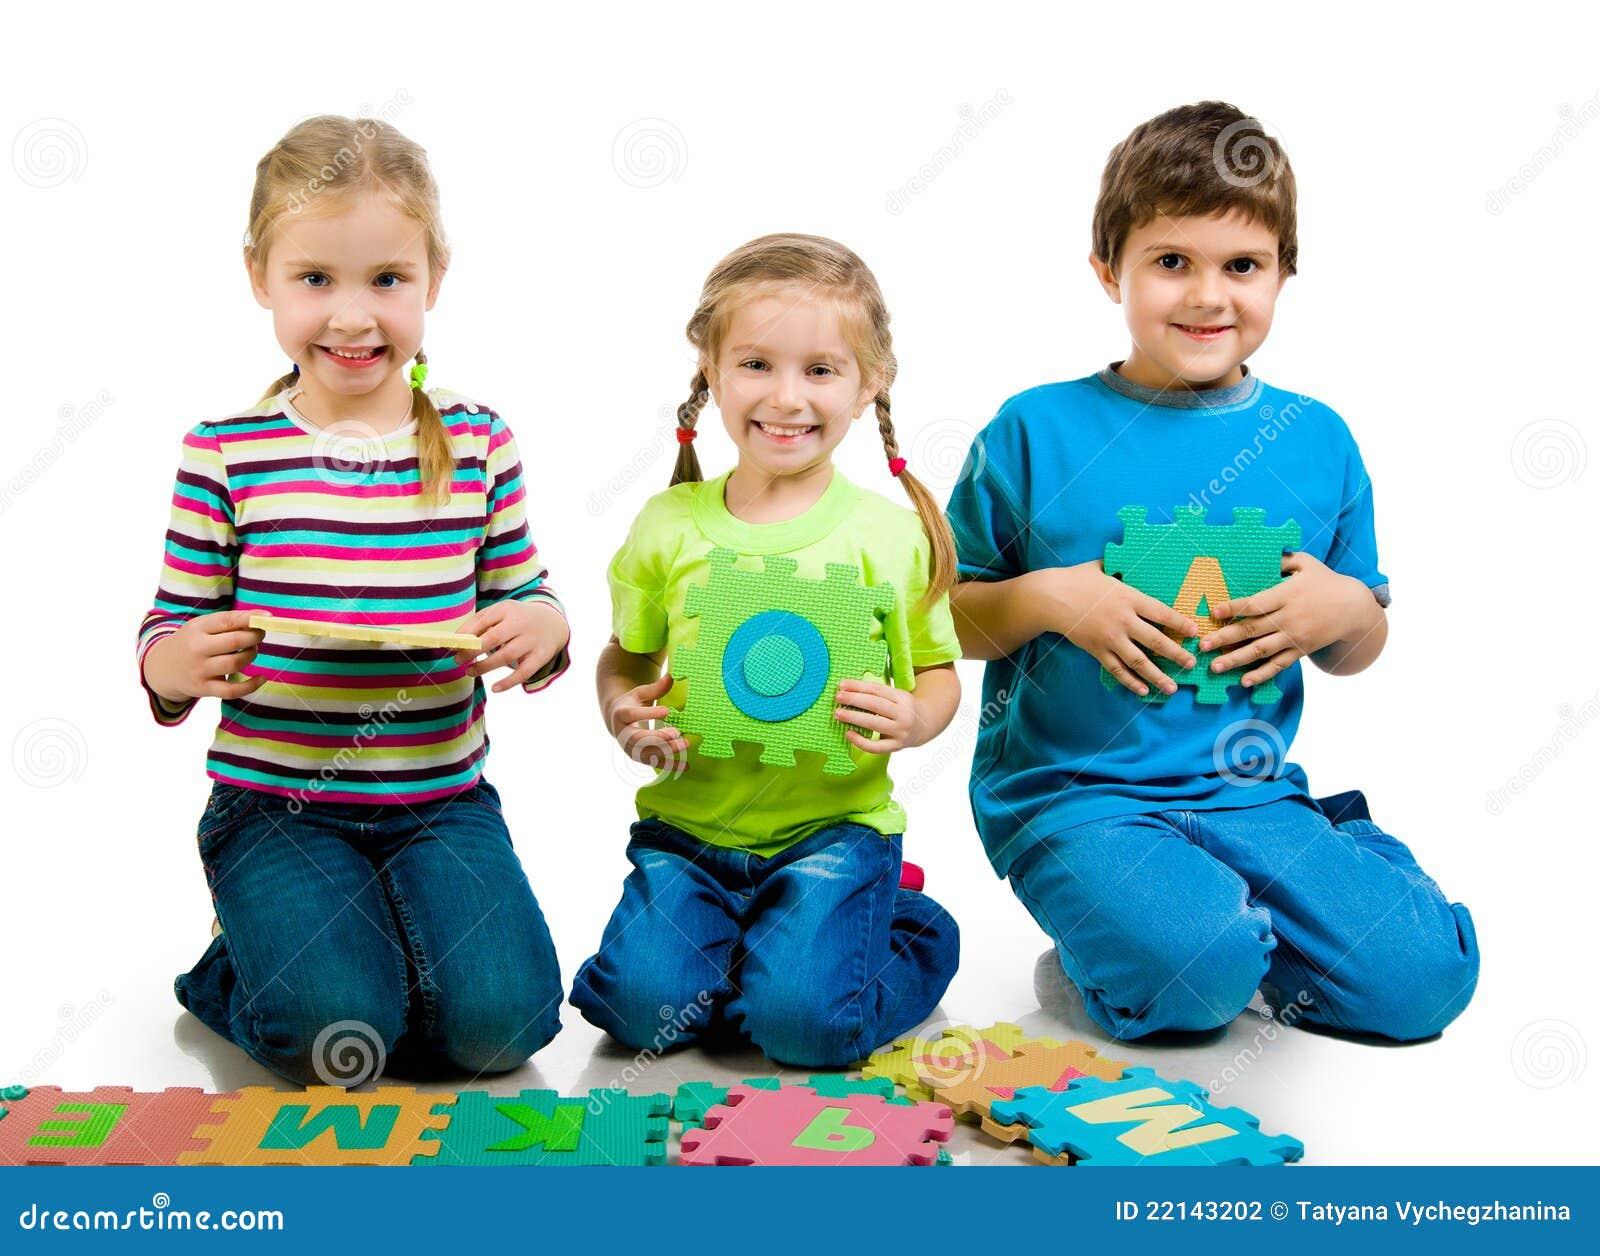 Los Niños Están Jugando Cartas Foto de archivo - Imagen de cartas ...